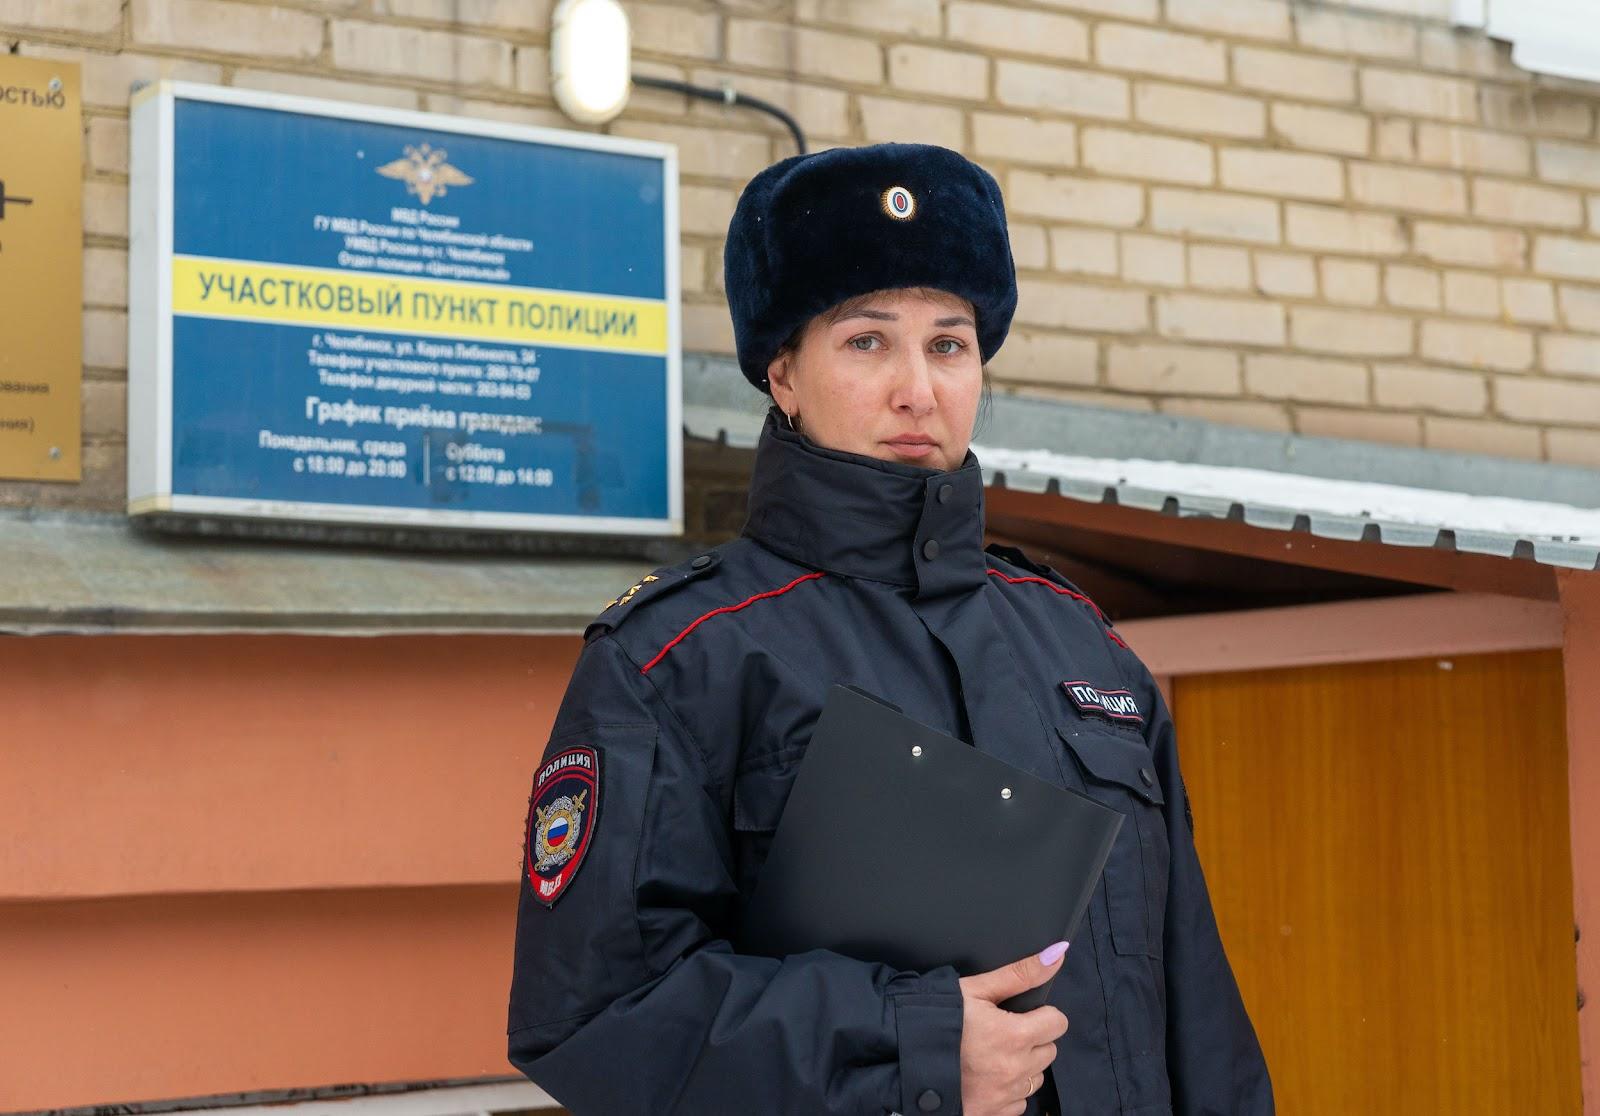 Работа для девушек в полиции челябинск селфи фото девушек на работе